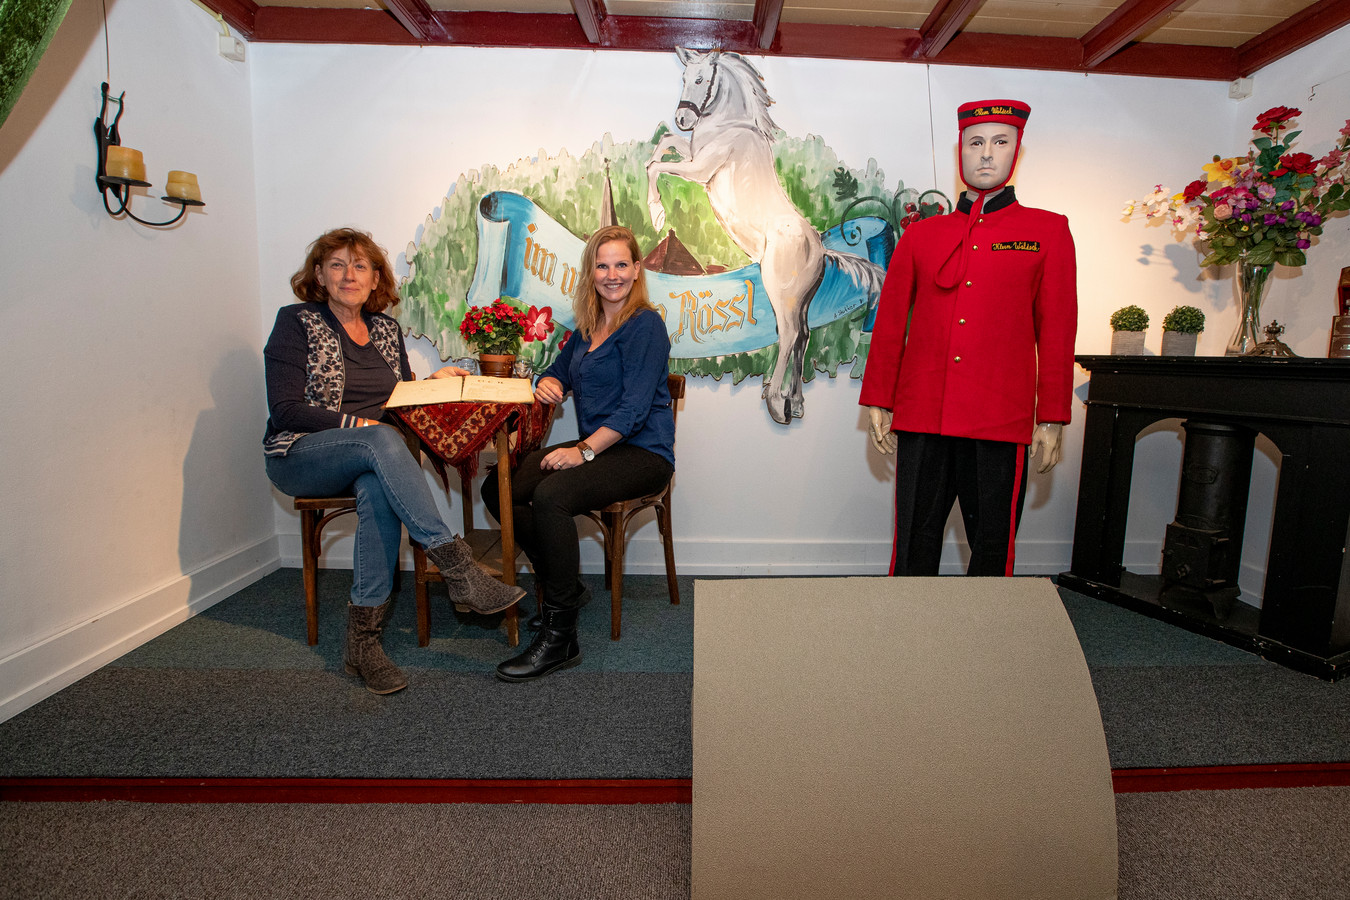 In de oudheidkamer herleeft de 75-jarige historie van Toneelvereniging Ontspanningsclub Holten. Ria Kappert (l) en Susan Bronsvoort bladeren in de archieven terwijl een acteur poseert.